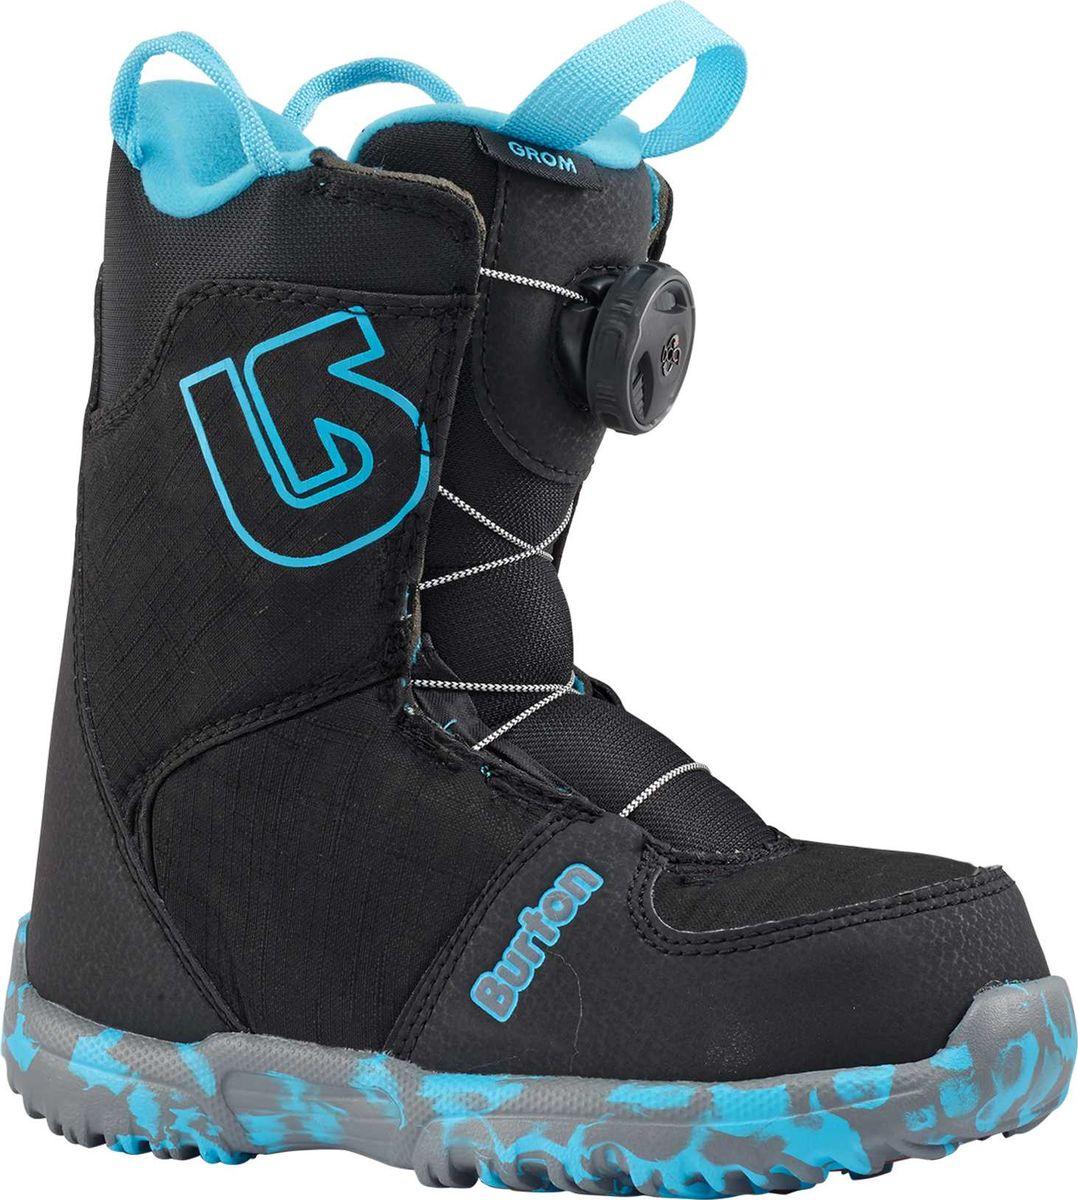 Ботинки для сноуборда Burton Grom Boa, цвет: черный. Размер 30,515089101001Пришла пора сделать решительный шаг от липучек Velcro к быстрому и легкому комфорту системы Boa, ведь теперь и самые маленькие райдеры могут оценить всю ее простоту и удобство. Для ребенка, который пока еще только учится стоять боком, это будет идеальный вариант, благодаря удобному теплому внутреннику, системе Room-To-Grow позволяющей увеличивать ботинок на 1 размер, влагоотводящей подкладке и прочной резиновой подошве DynoLITE. Теперь можно облачиться в свои новые ботинки без помощи мамы или папы, а это открывает огромный новый мир для начинающих сноубордистов!